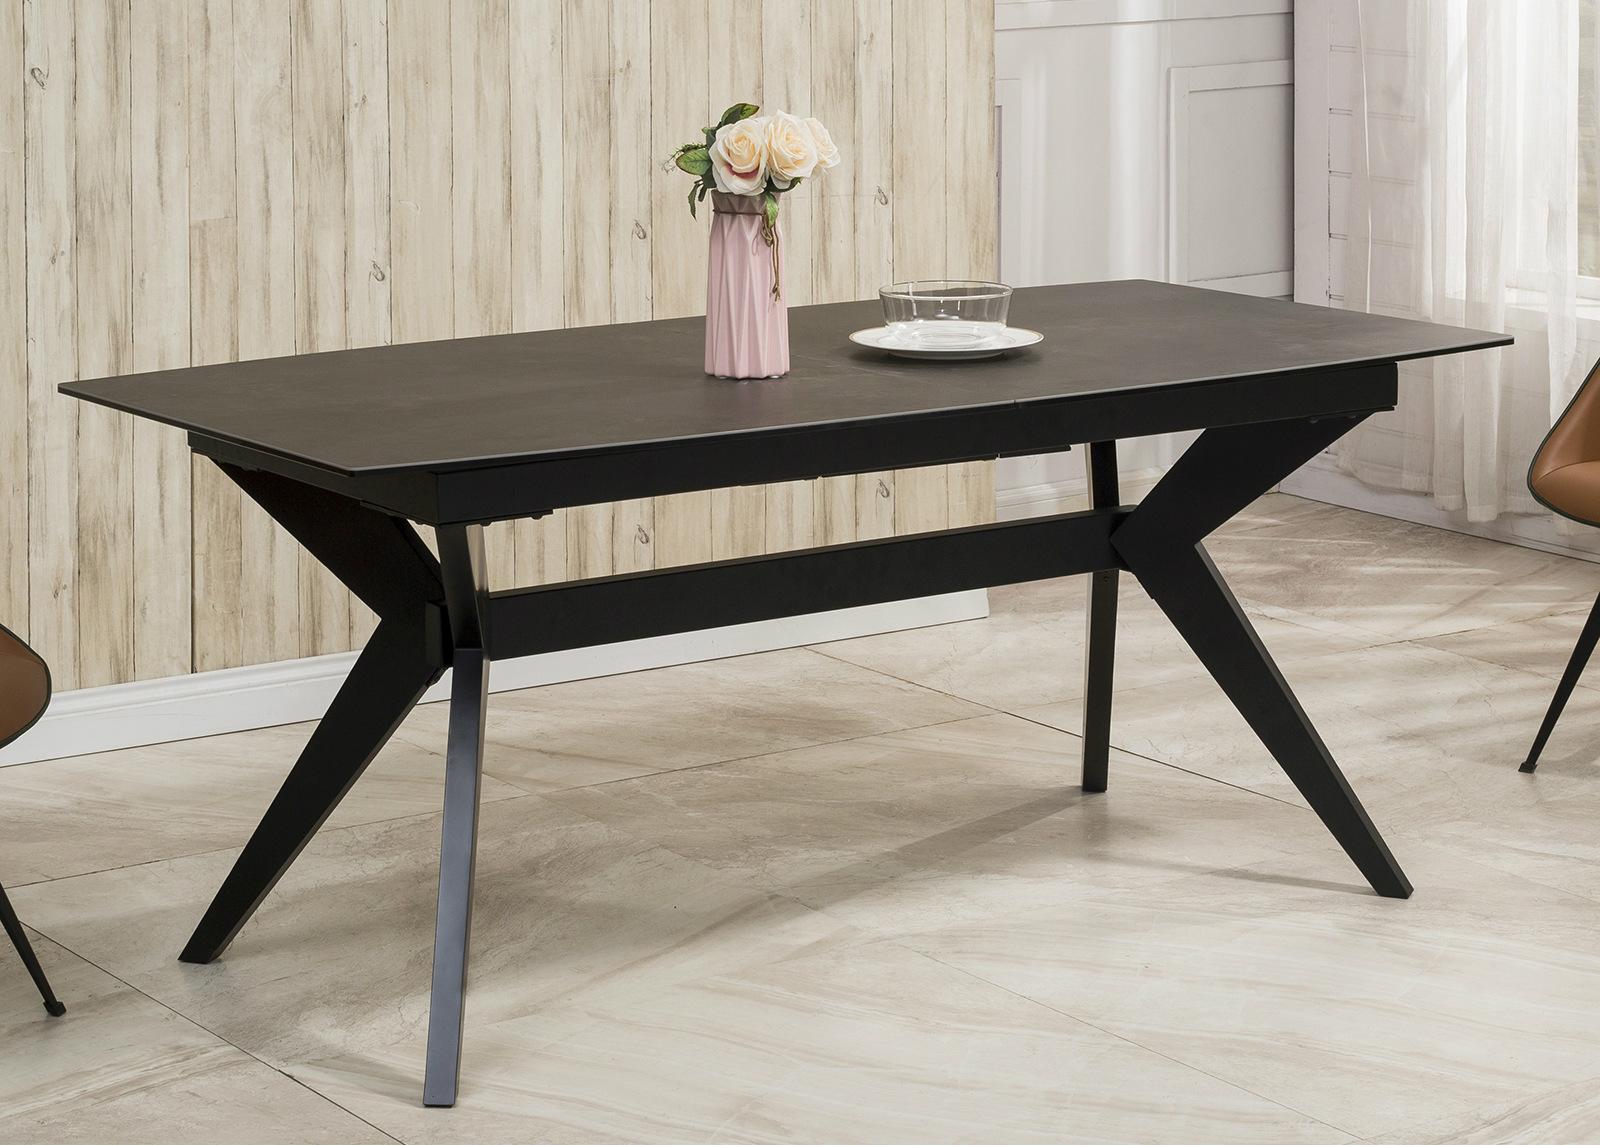 Jatkettava ruokapöytä Tische 140-190x90 cm